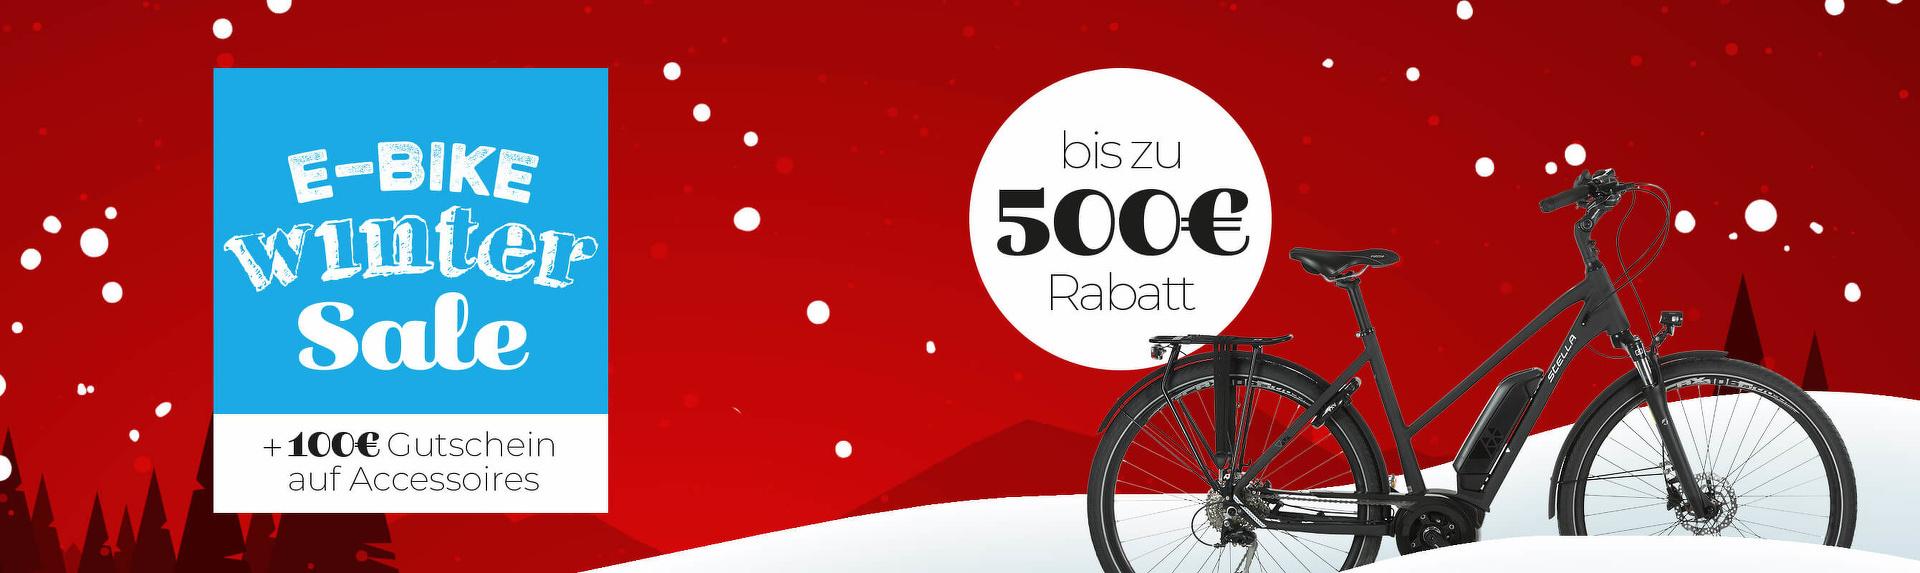 E-bike Winter Sale